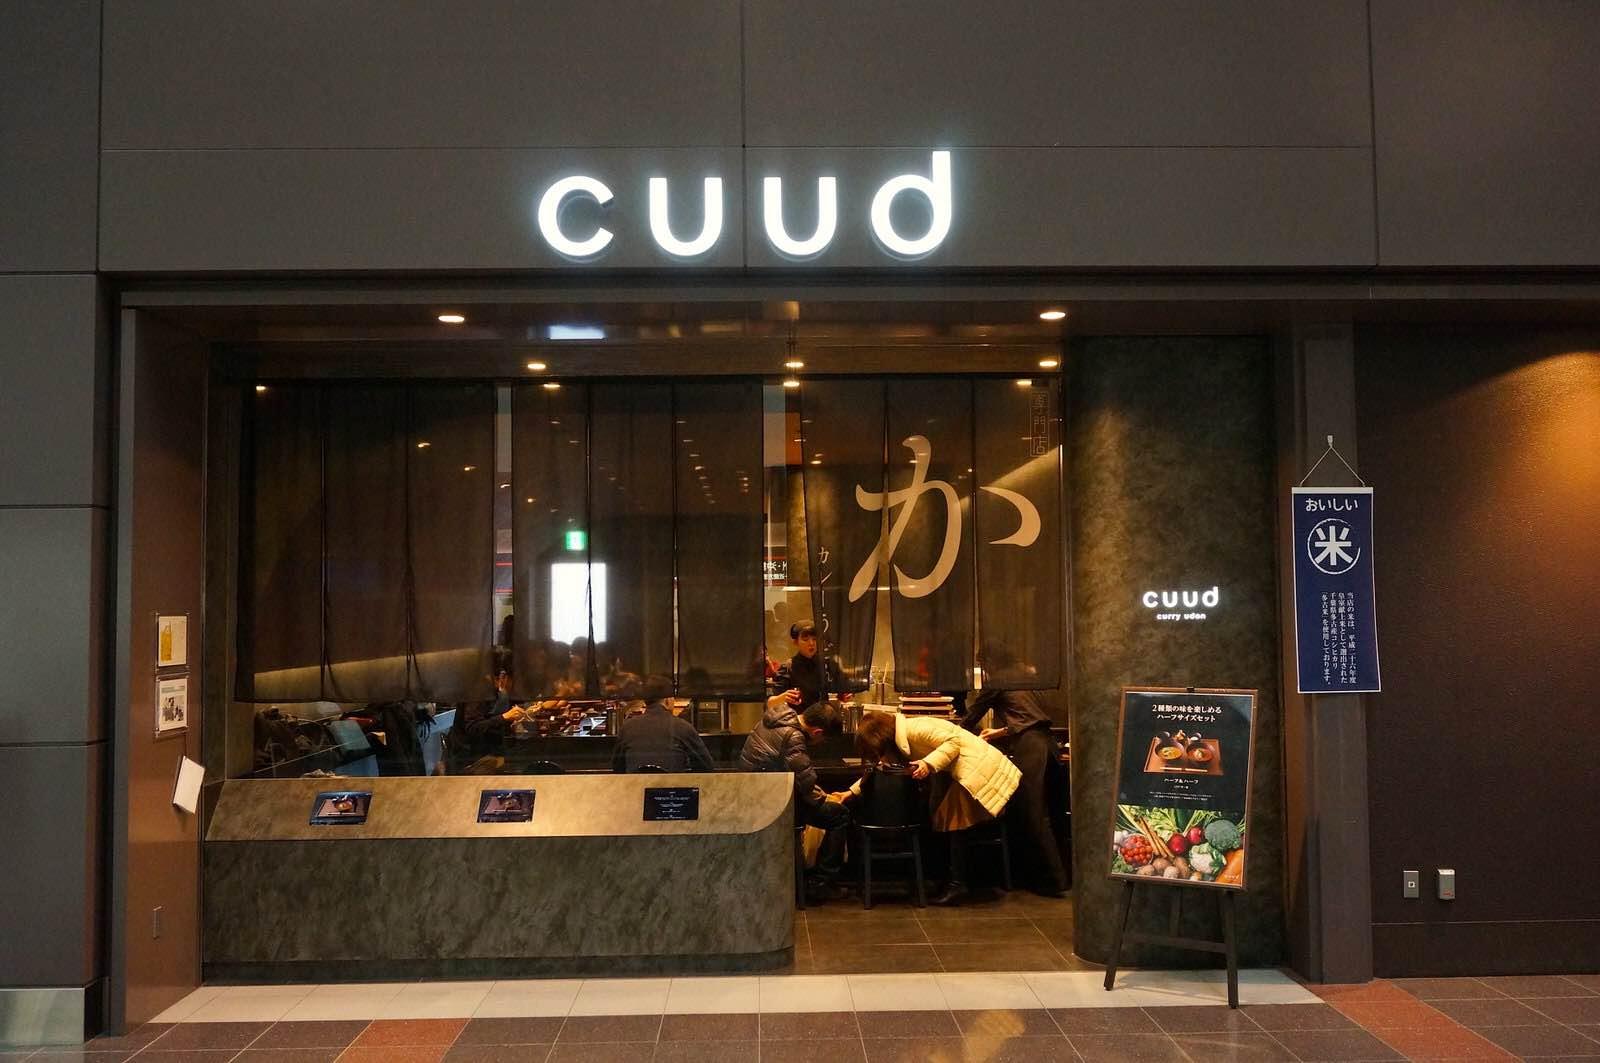 和出汁でつくるスパイスの効いたカレーうどんのお店「cuud」(クウド)